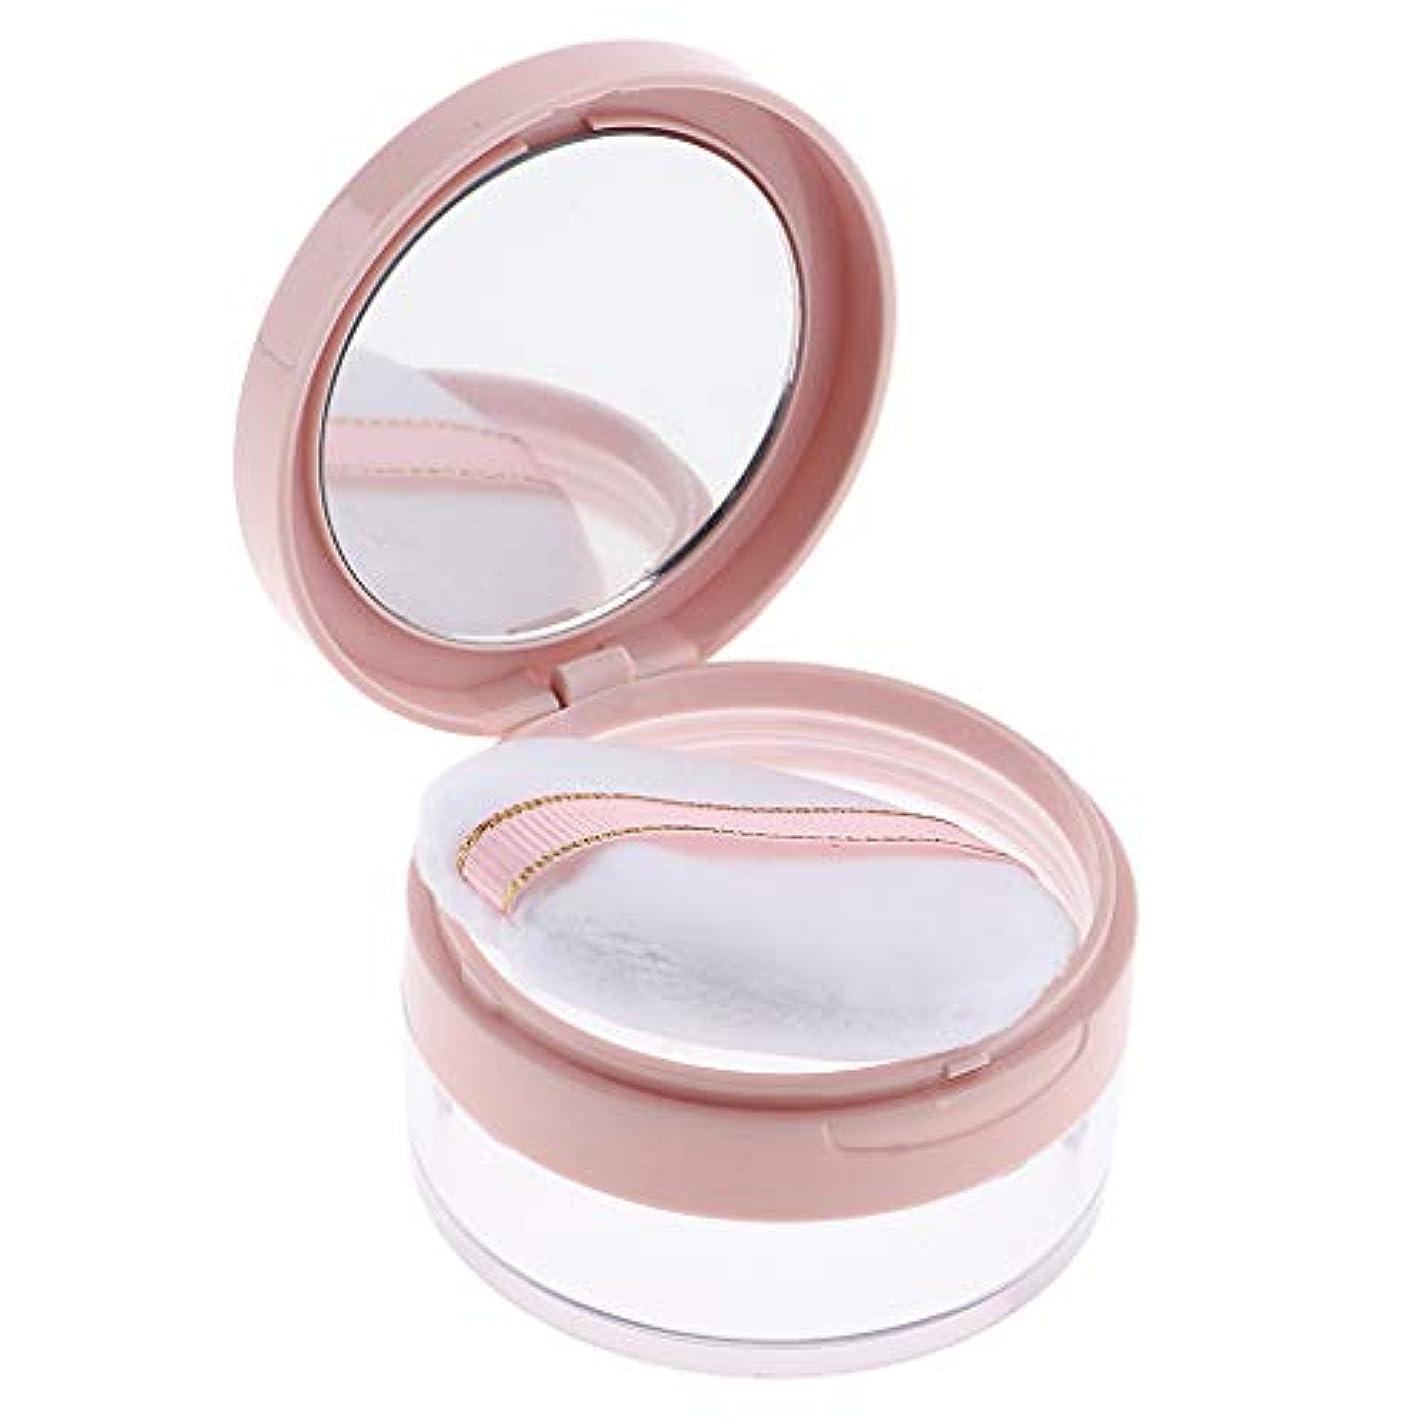 マーチャンダイザー腕ホールF Fityle パウダーケース 化粧品 ジャー 鏡 パフ 2色選べ - ピンク